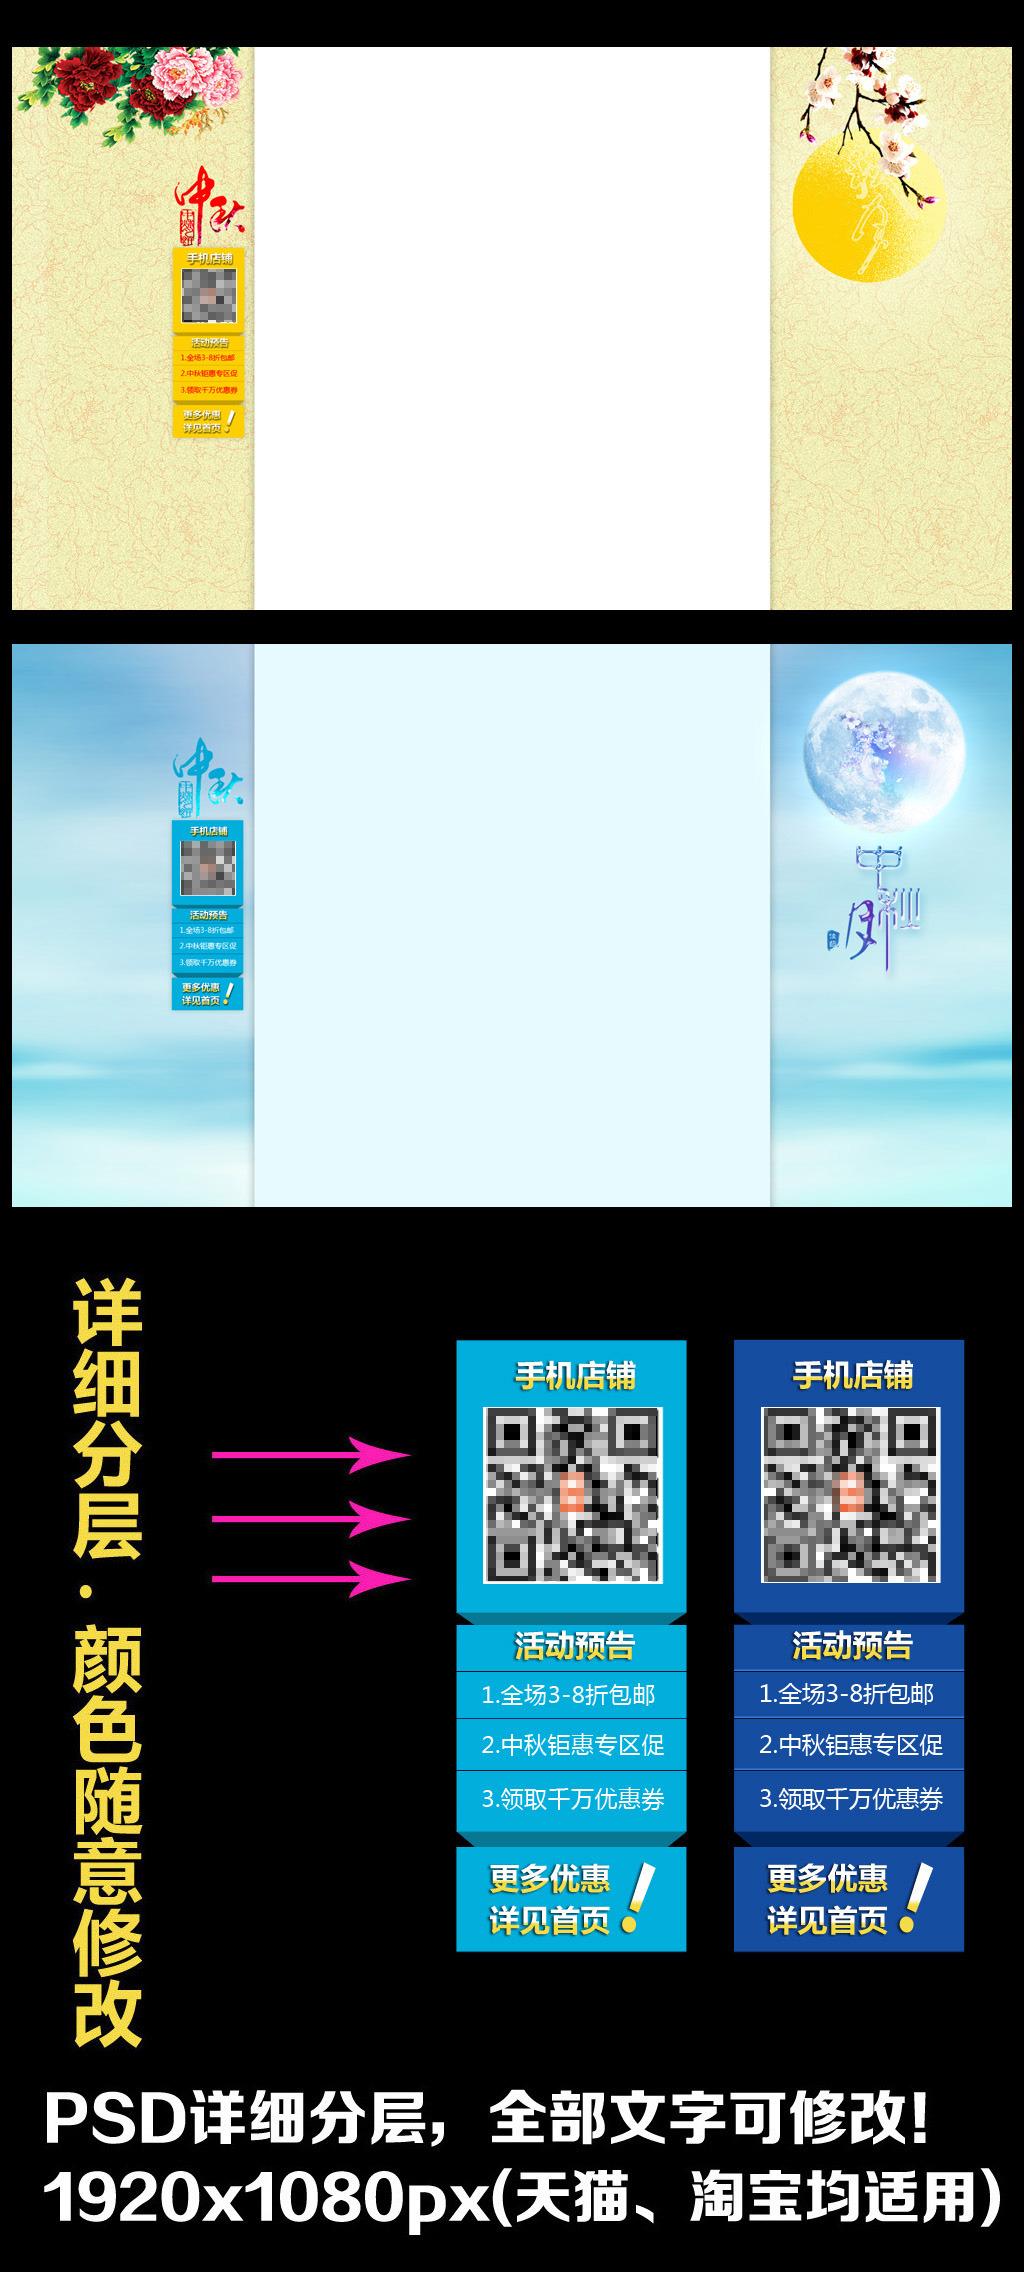 淘宝中秋节全屏固定背景psd模板